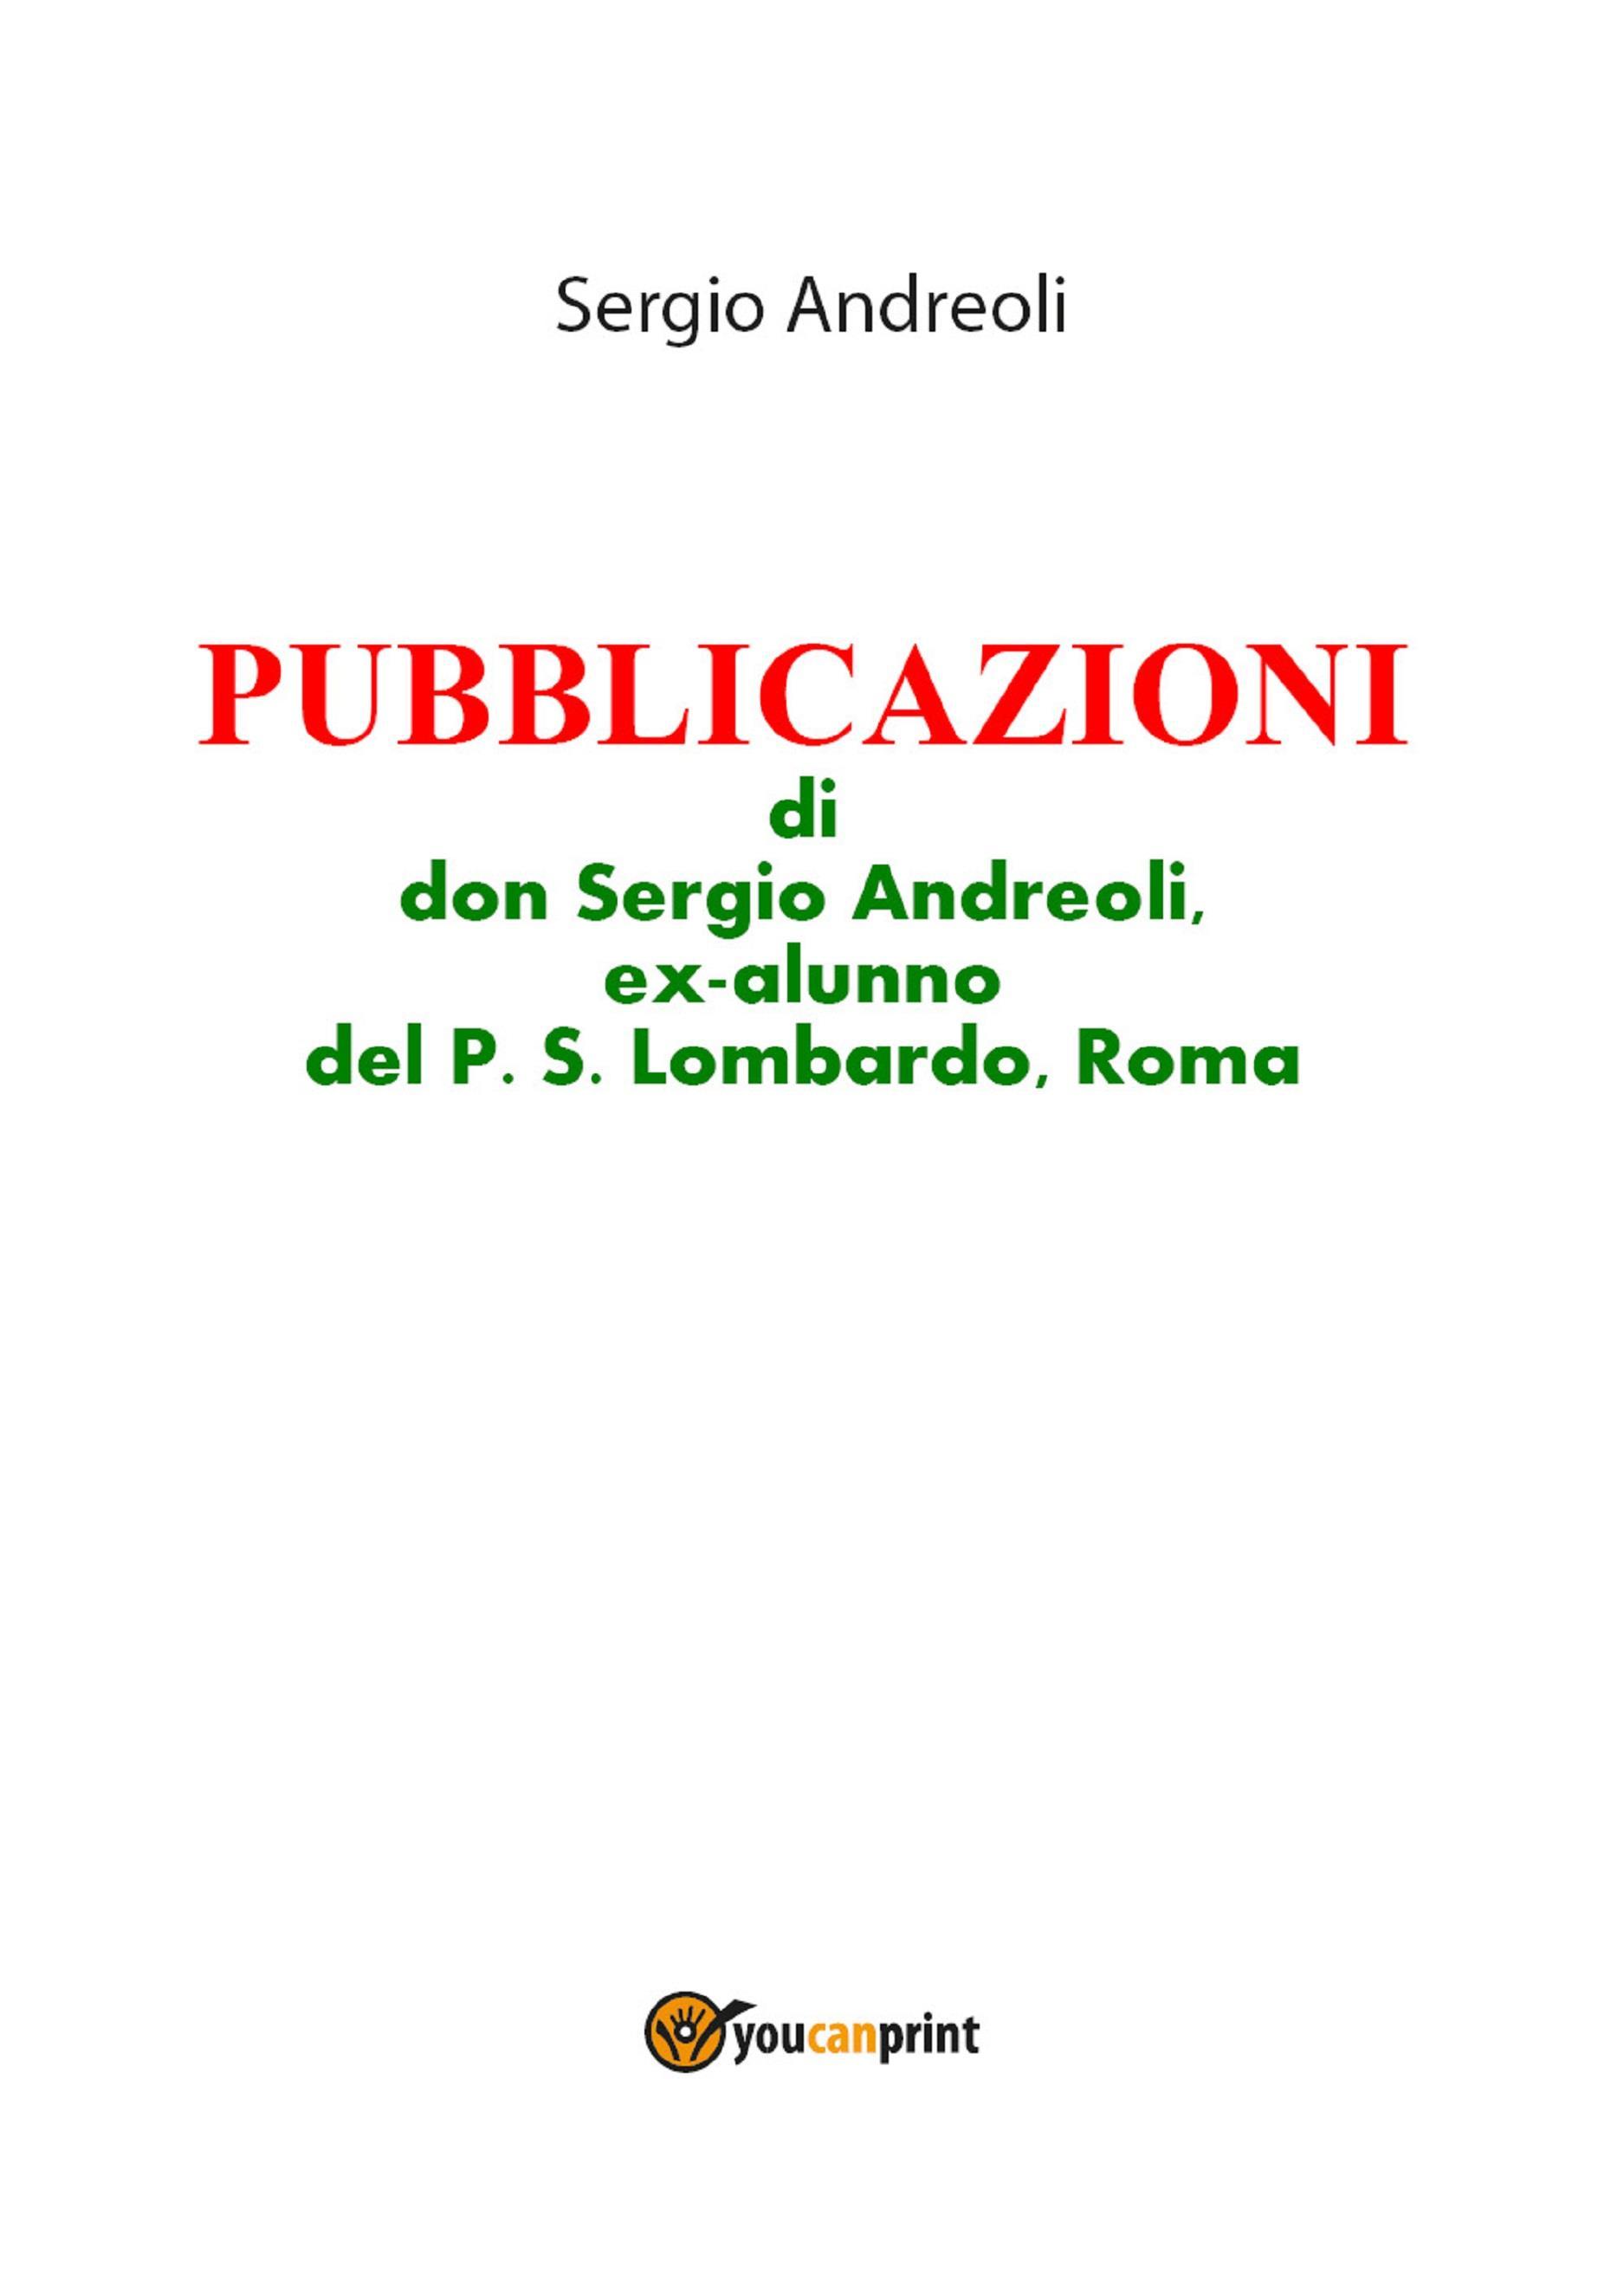 PUBBLICAZIONI di don Sergio Andreoli, ex-alunno del P.S. Lombardo, Roma